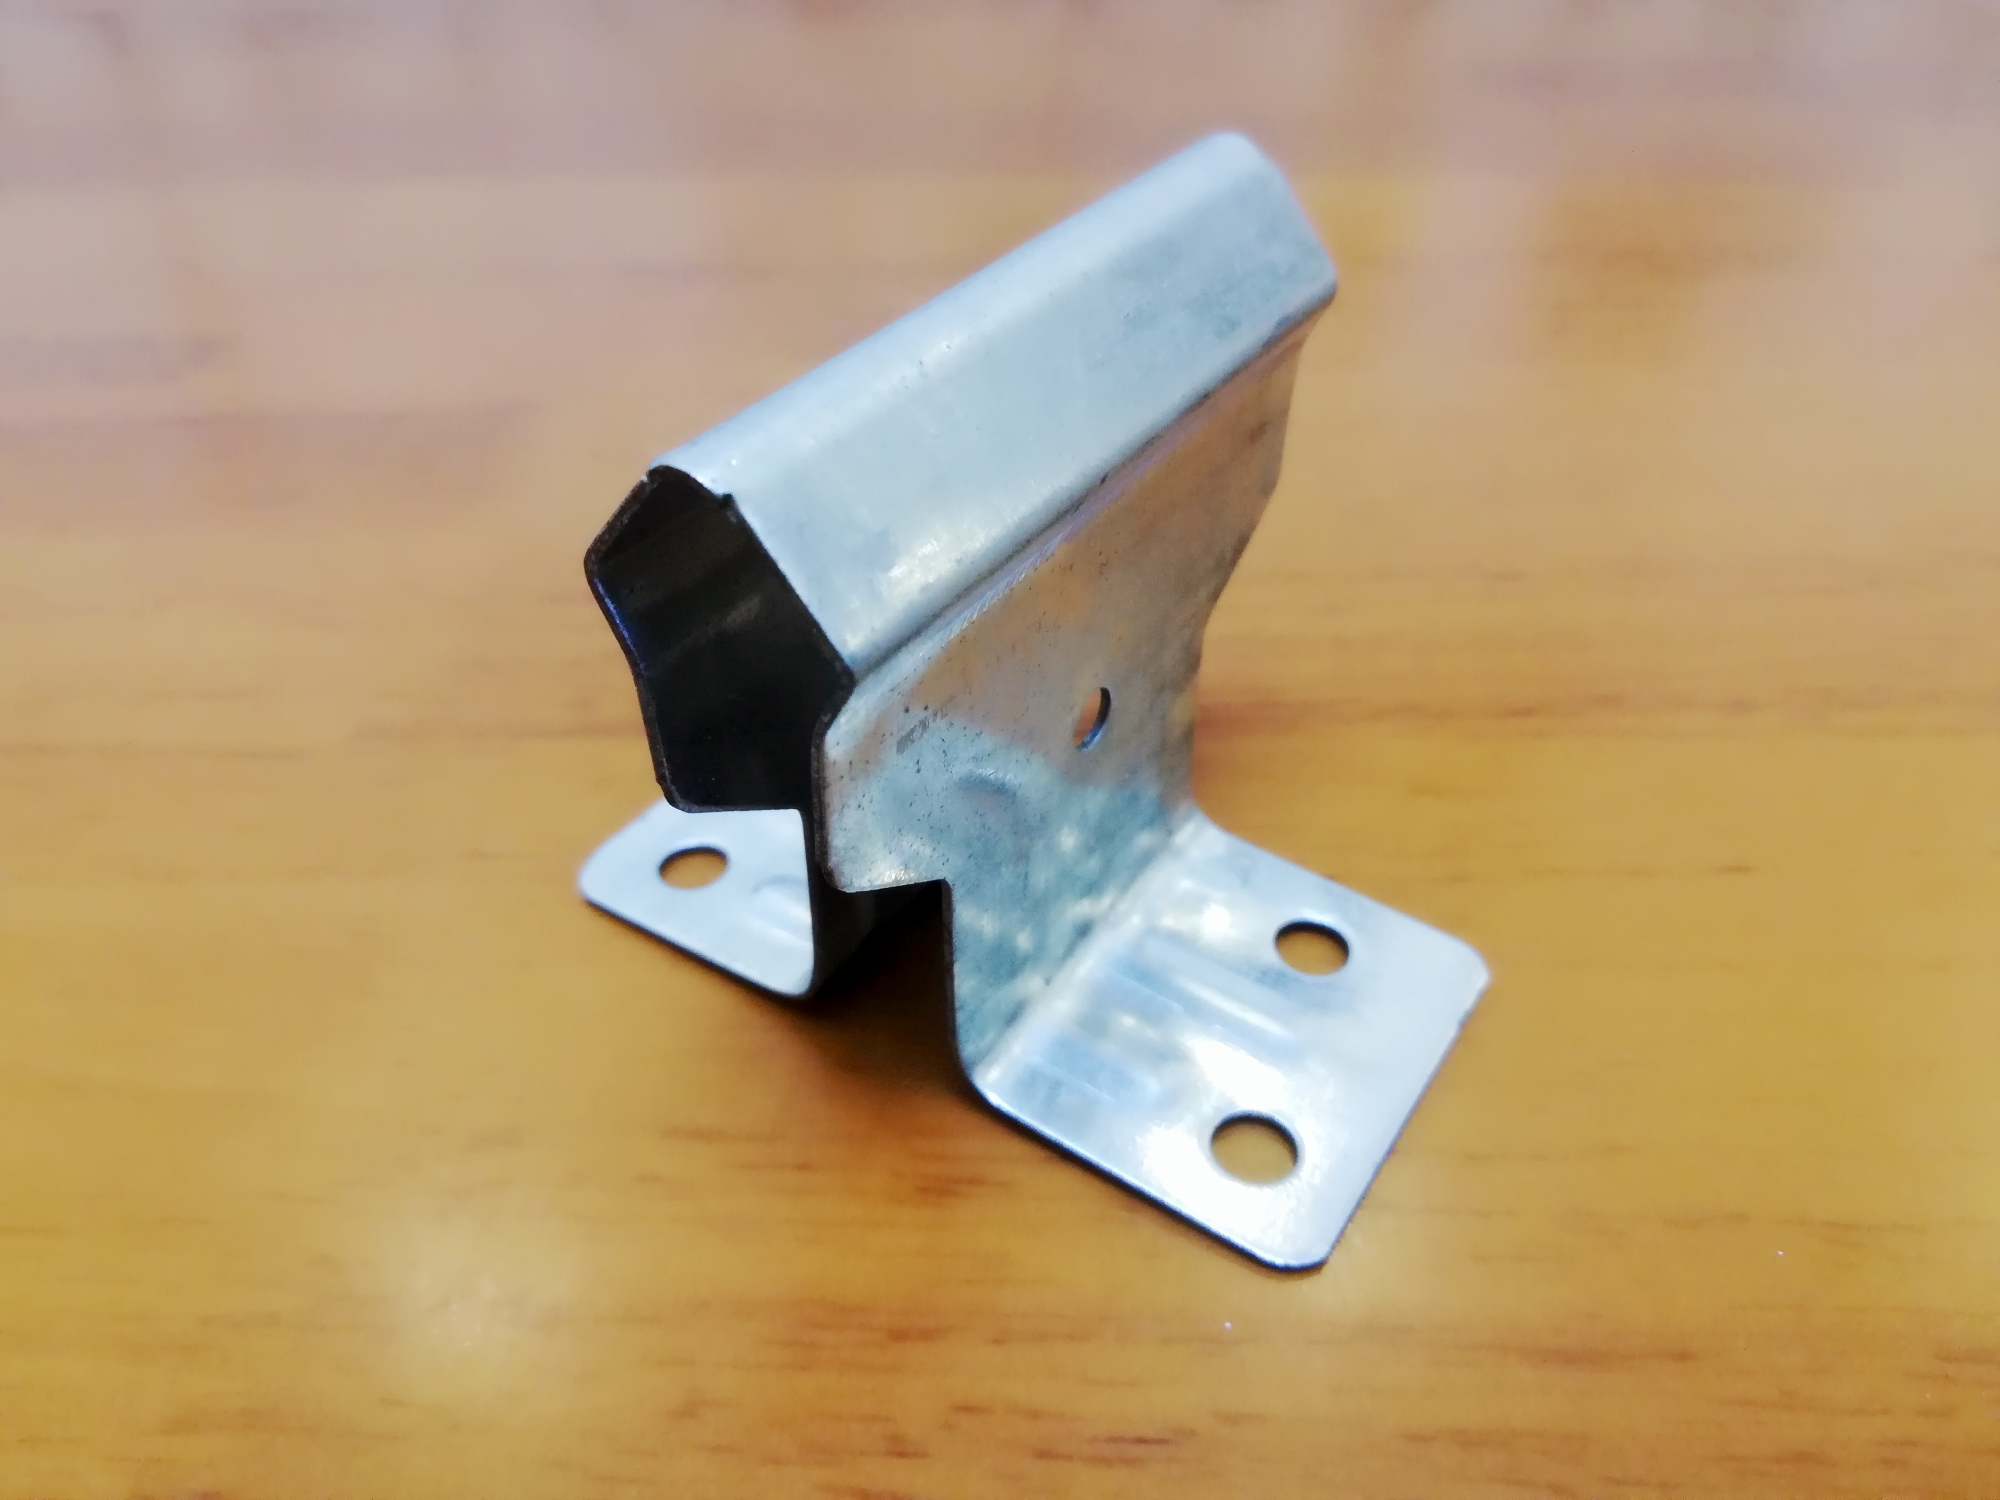 金属屋面防风加固简述:钢结构彩钢金属屋面板防风加固(抗风夹具)是将